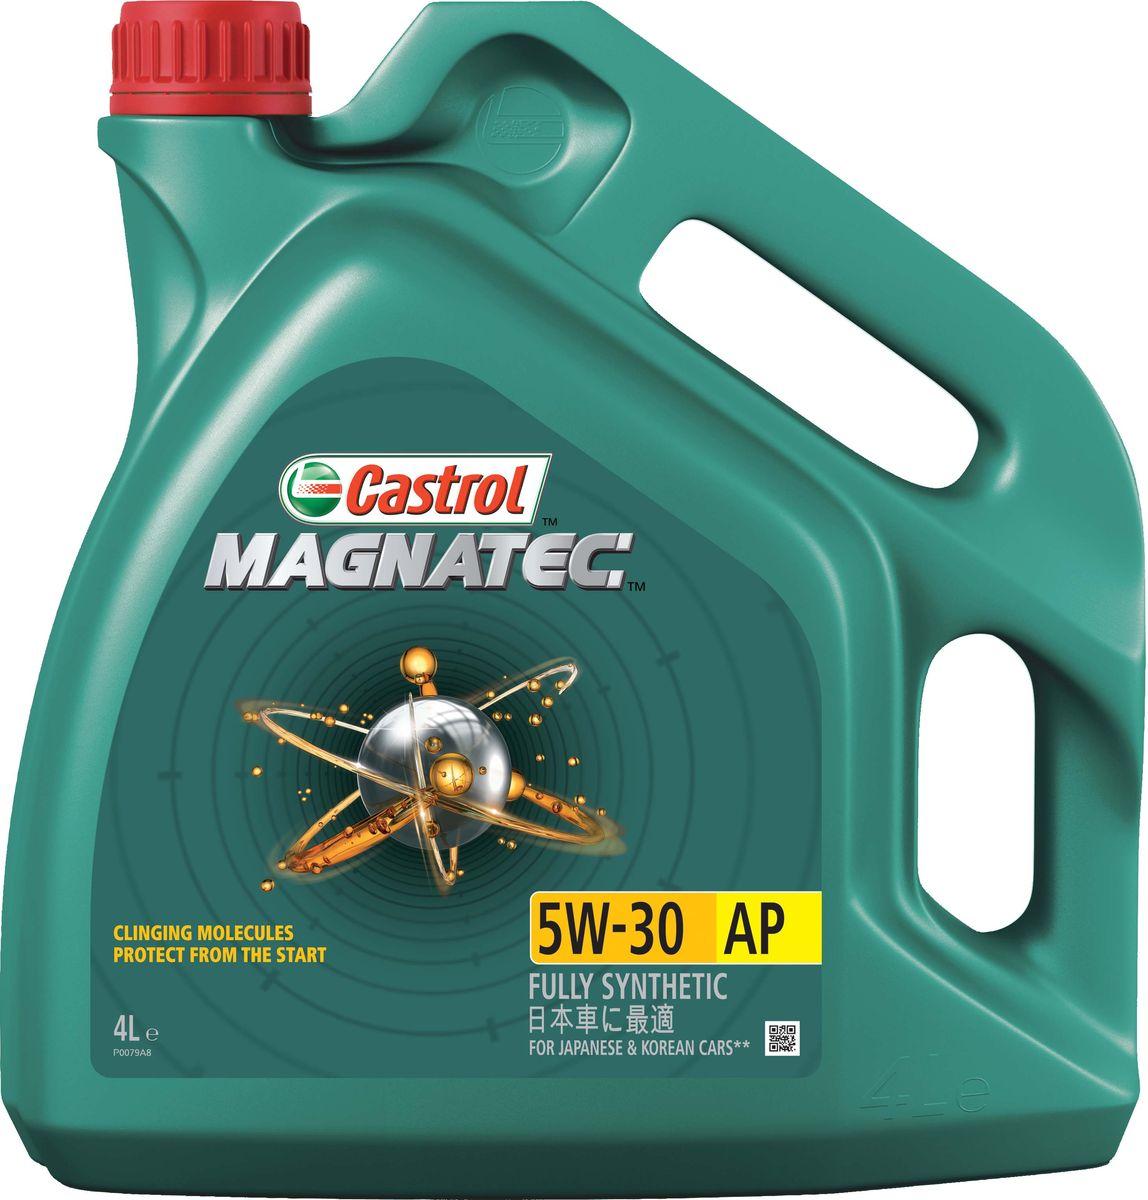 """Масло моторное Castrol """"Magnatec"""", синтетическое, класс вязкости 5W-30, AP, 4 л"""